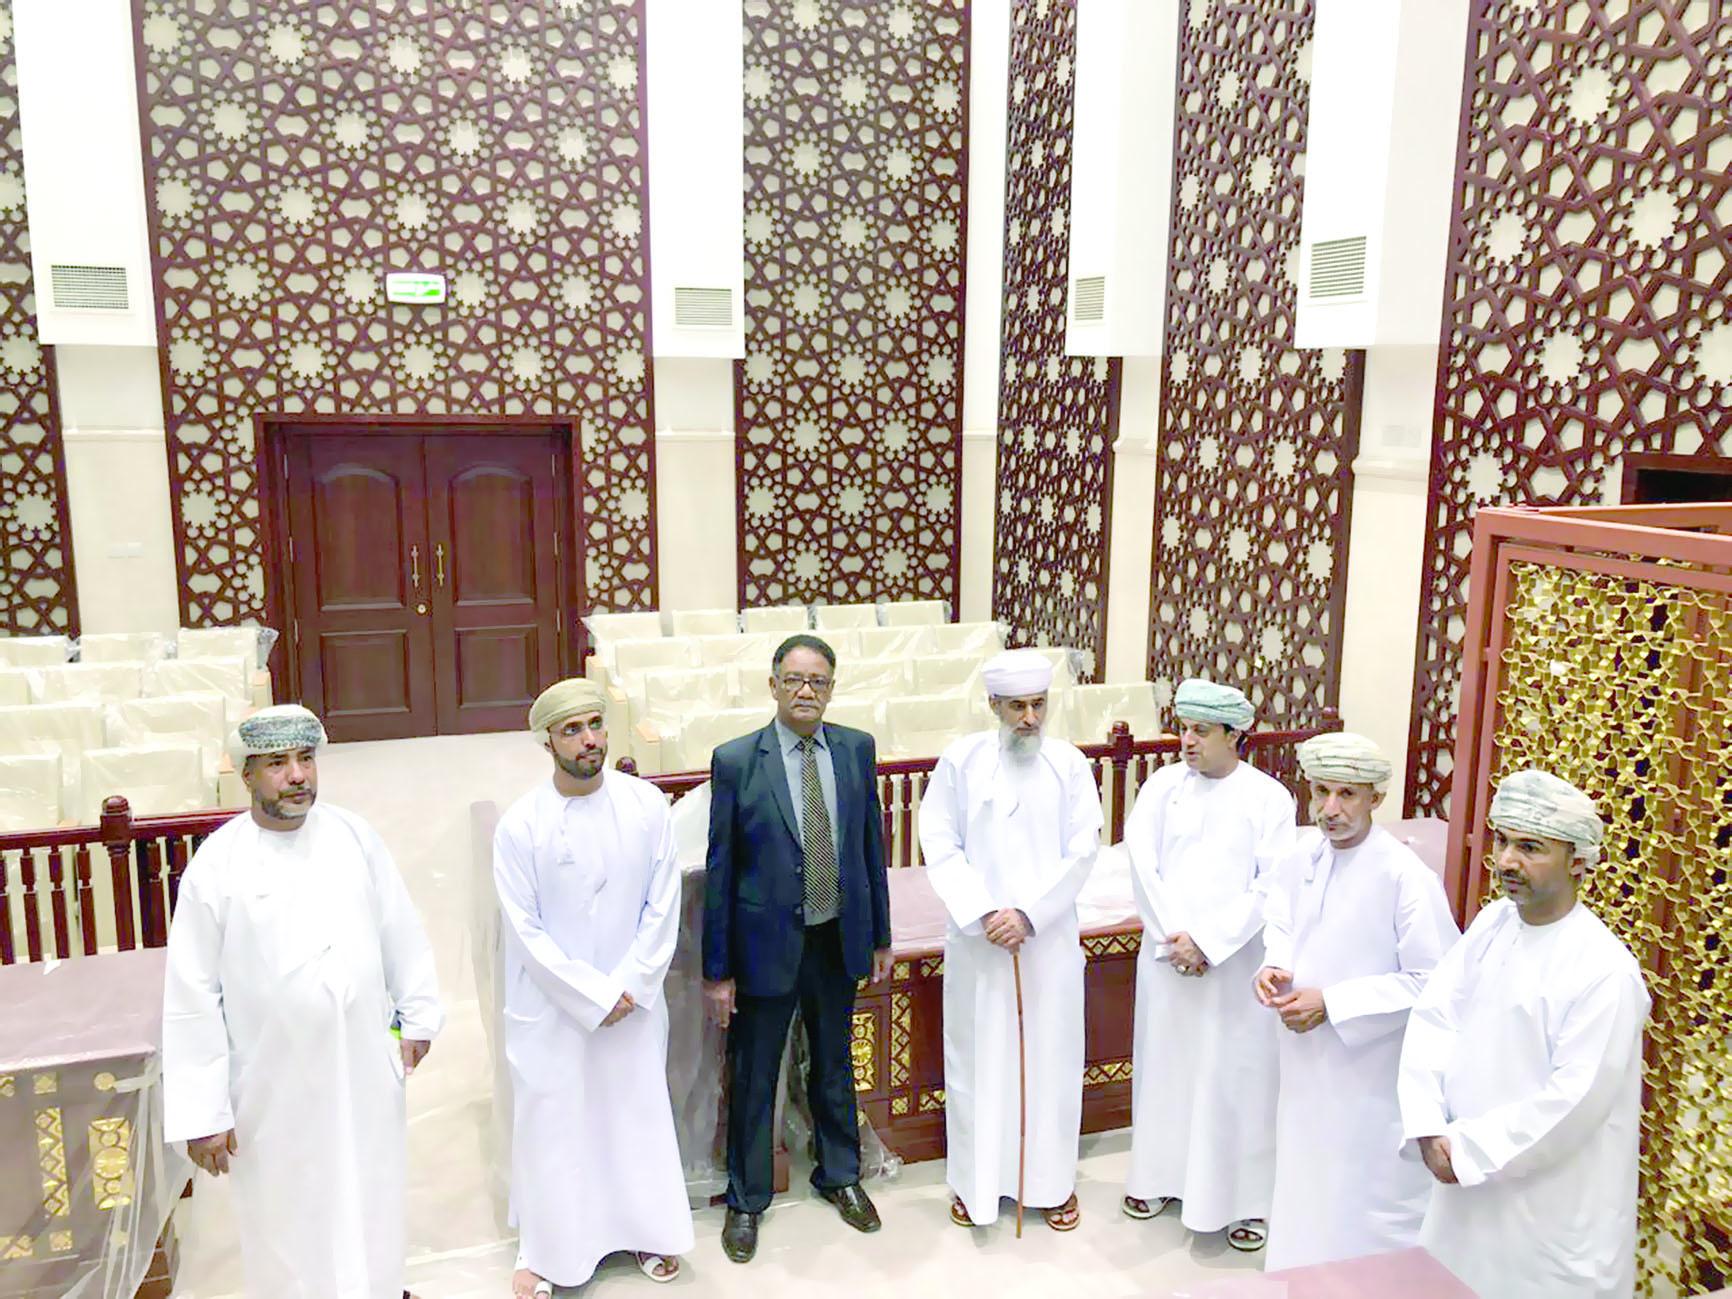 مسؤولو القضاء يطلعون على جاهزية مجمع محاكم الرستاق